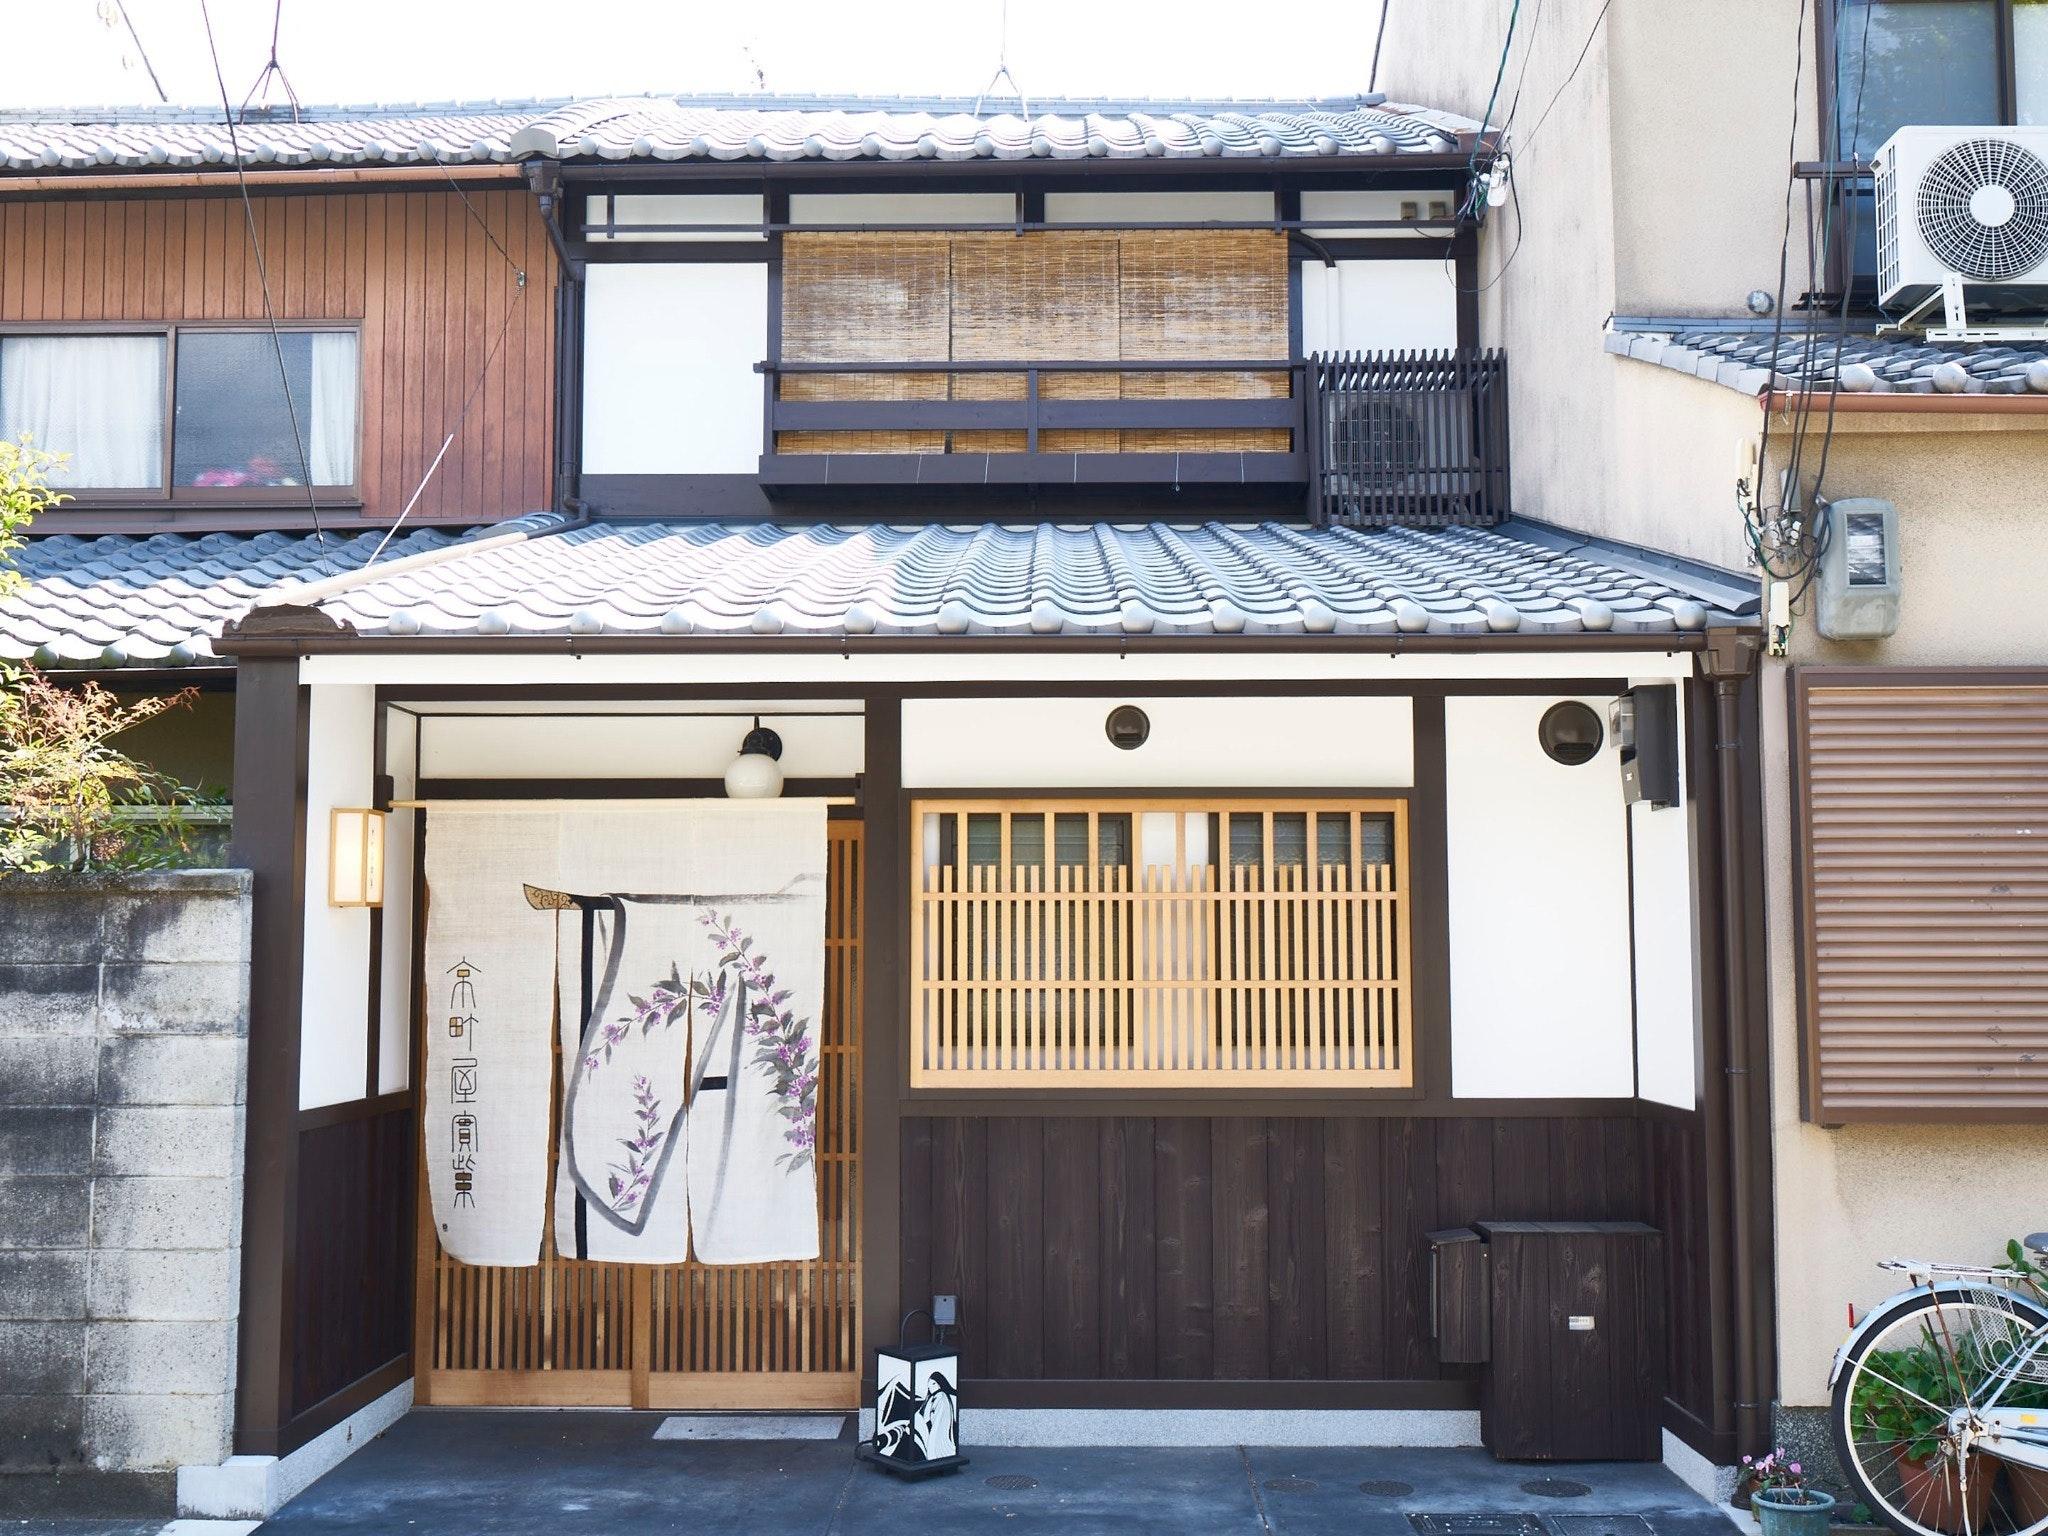 4DKの広々快適な京町家の一棟貸切/最大9名まで宿泊可能 -京町家 実紫